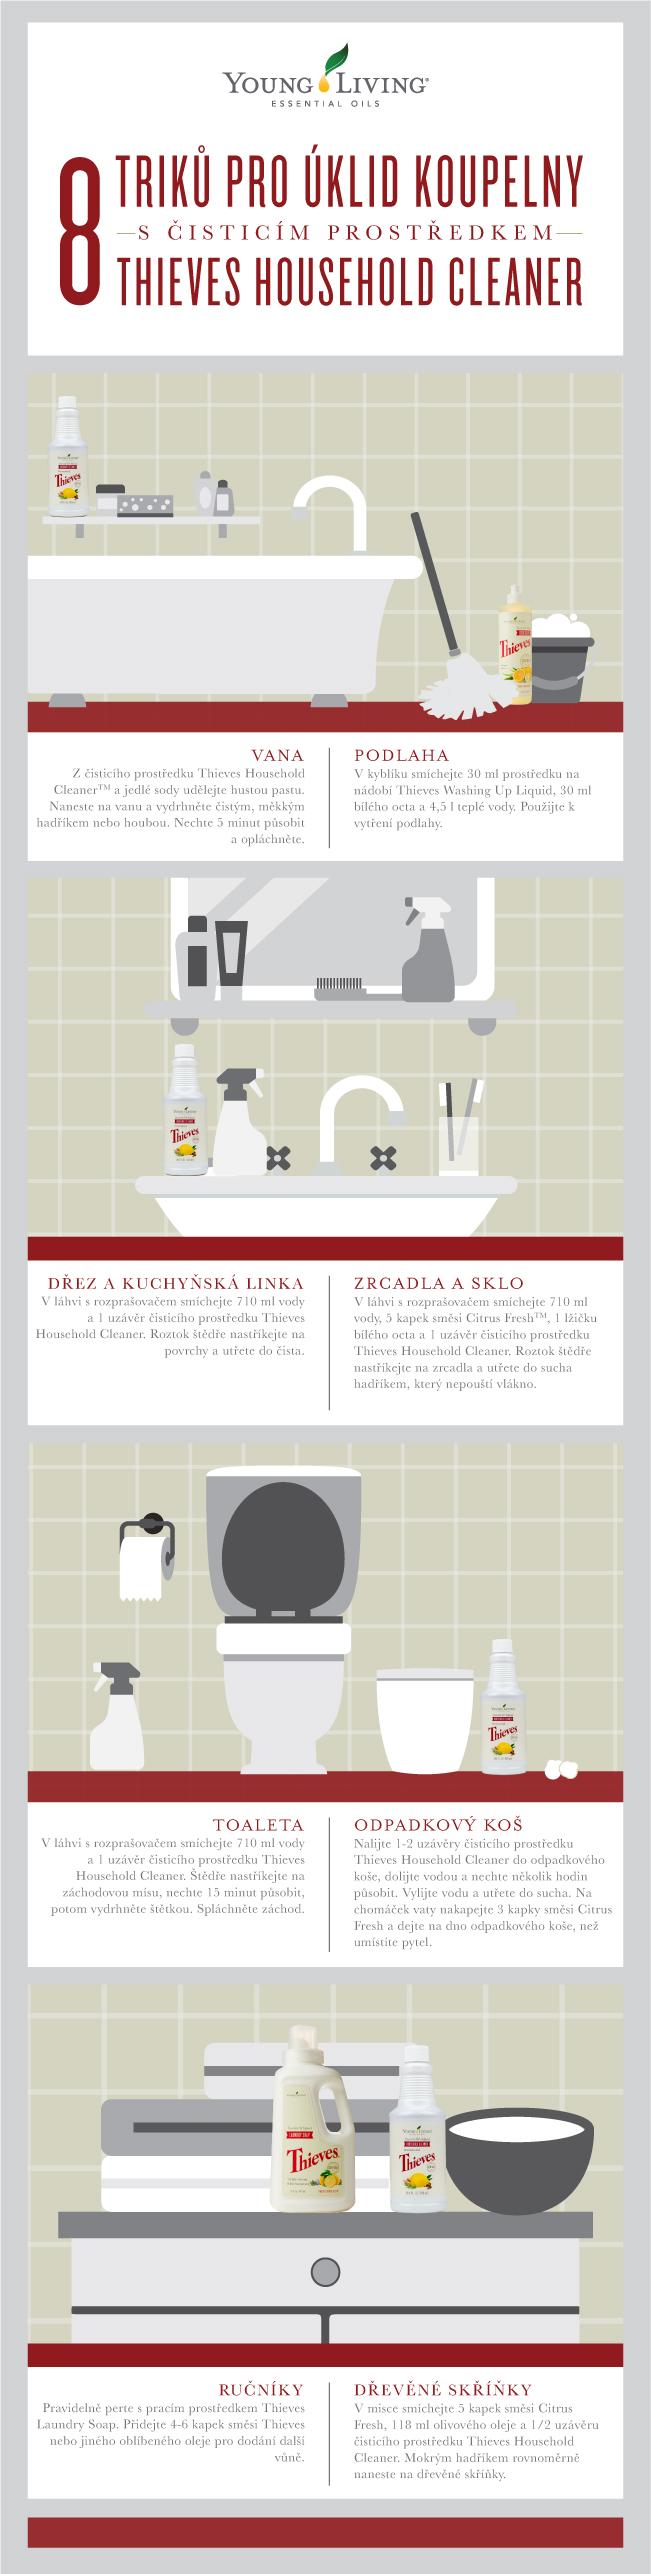 8 tipů pro čištění koupelny s čisticím prostředkem pro domácnost Thieves